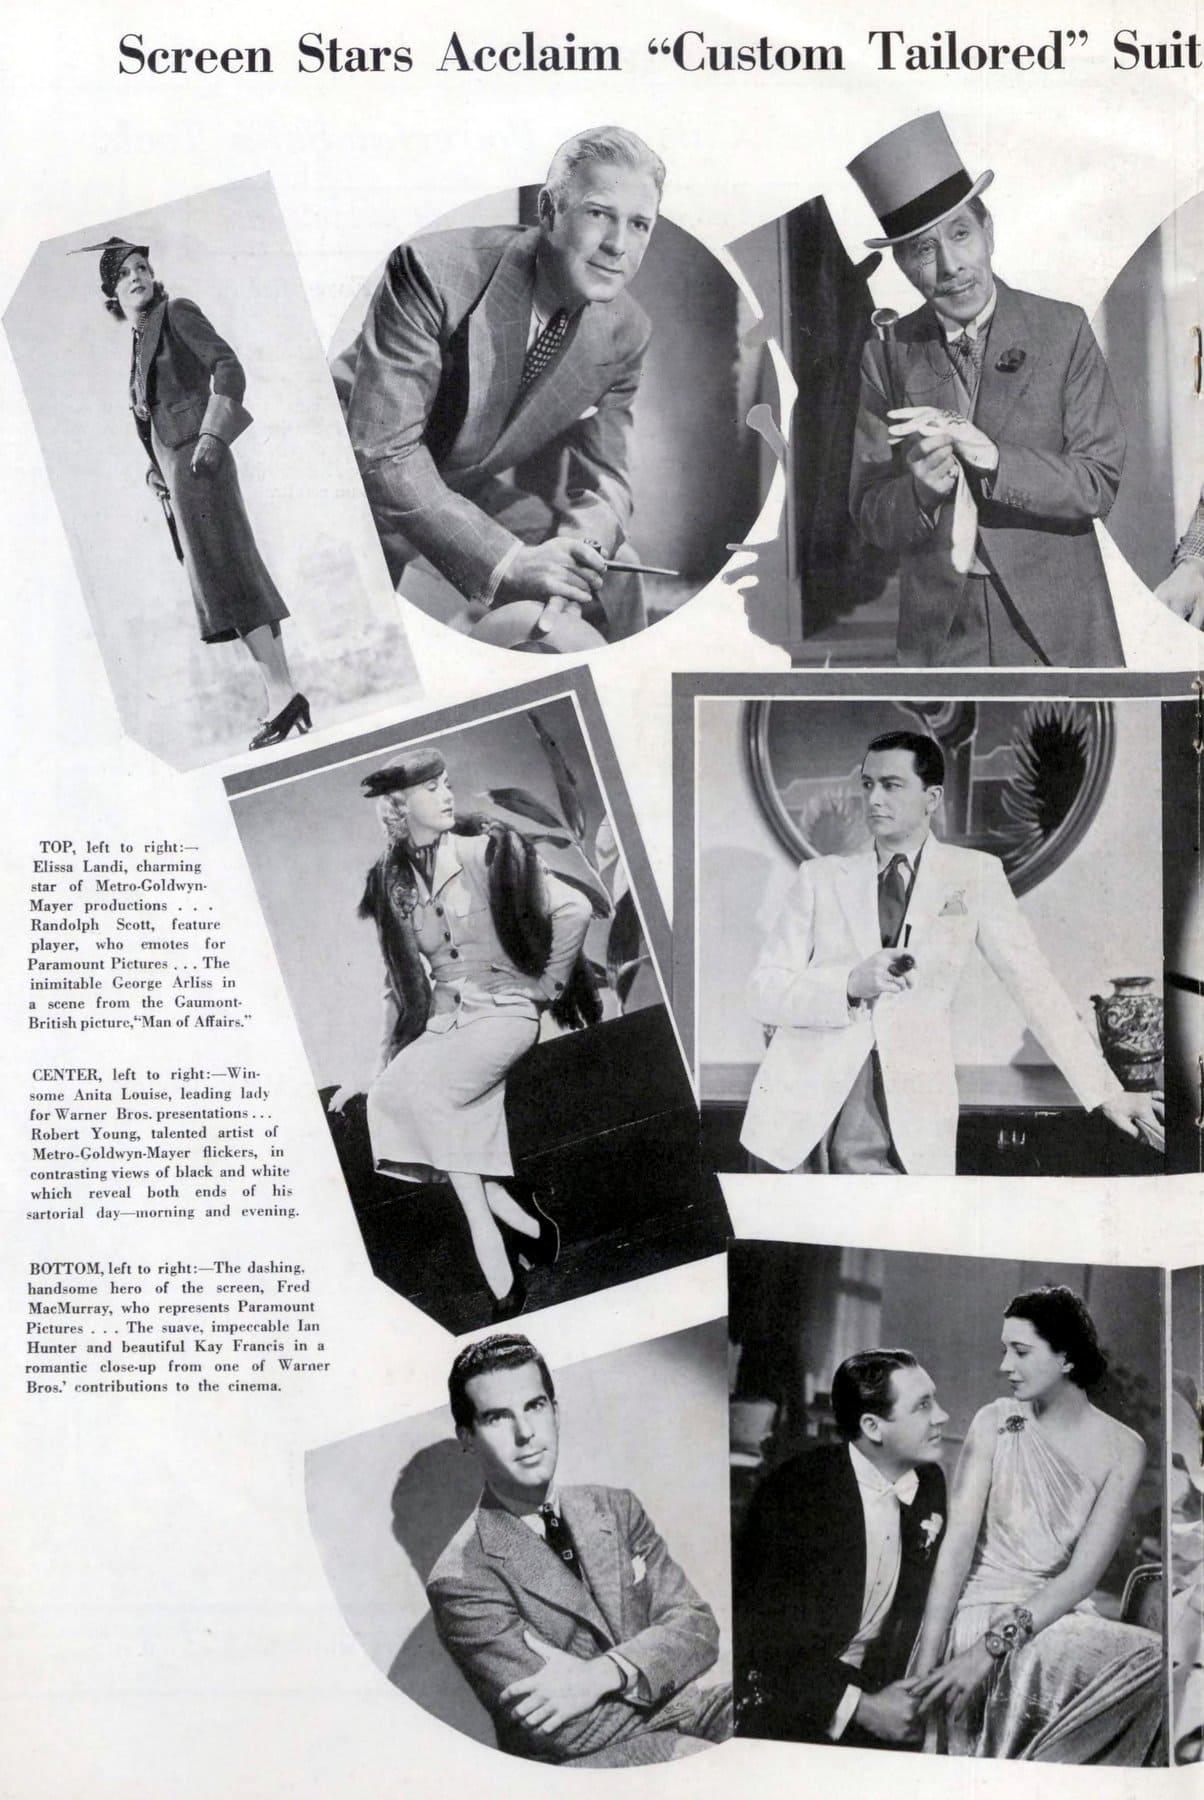 Vintage 1930s celebrities in suits (1937)